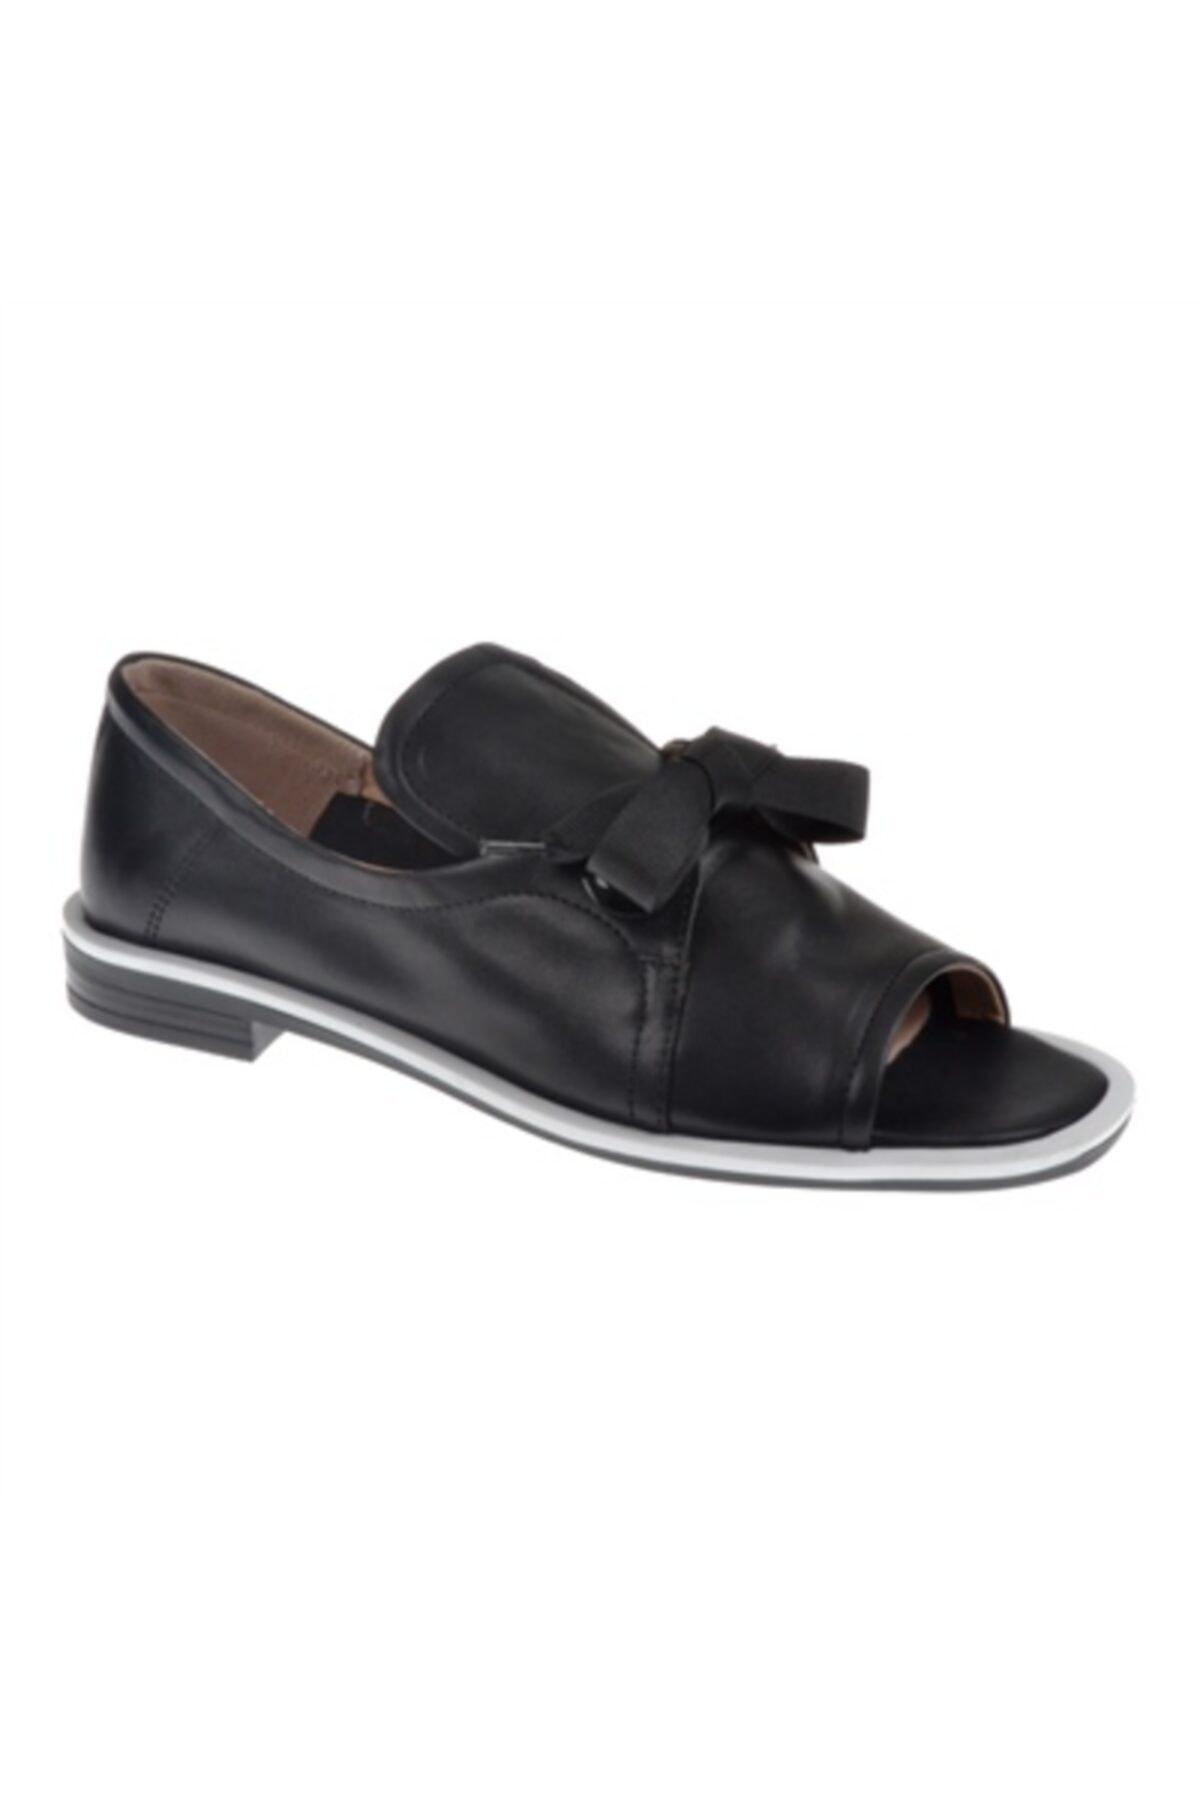 SHALİN Hakiki Deri Kadın Ayakkabı N-2024 Siyah